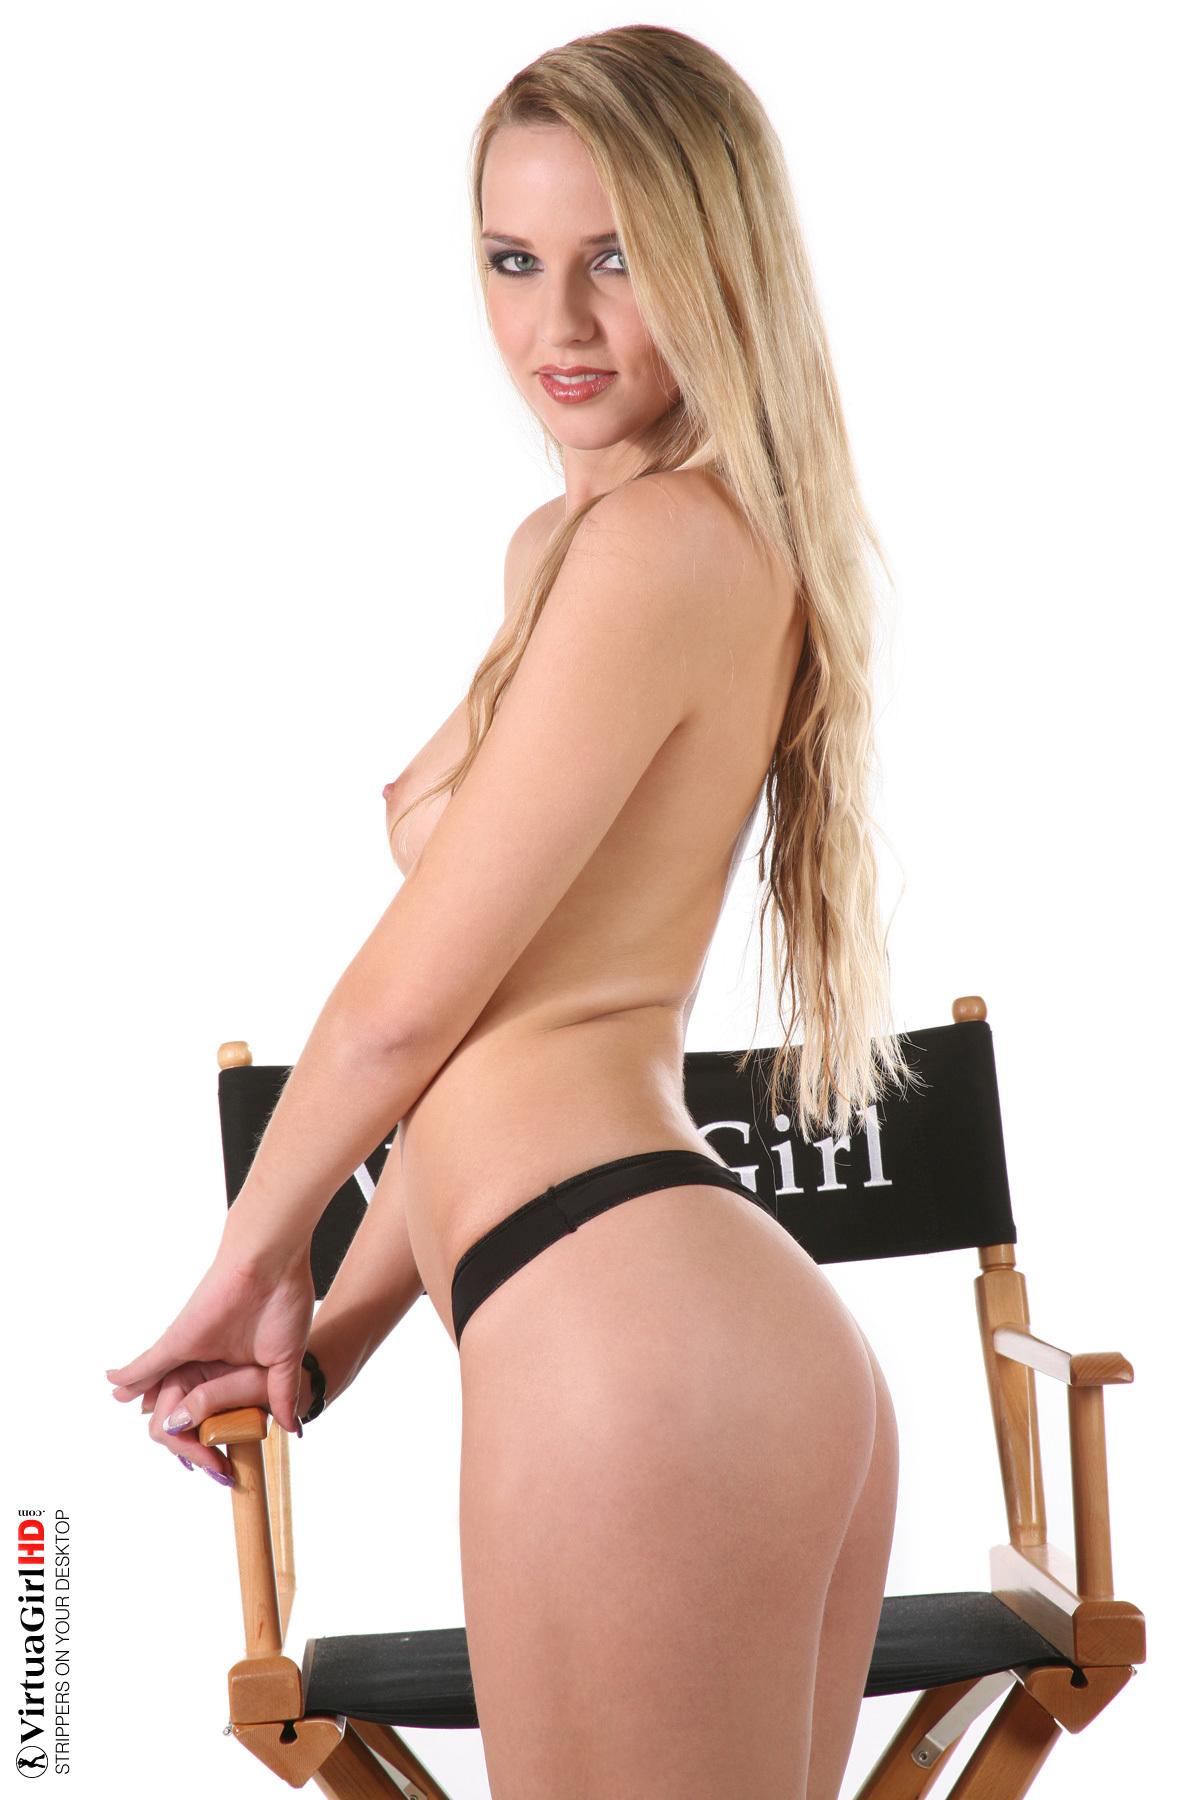 big girls stripping